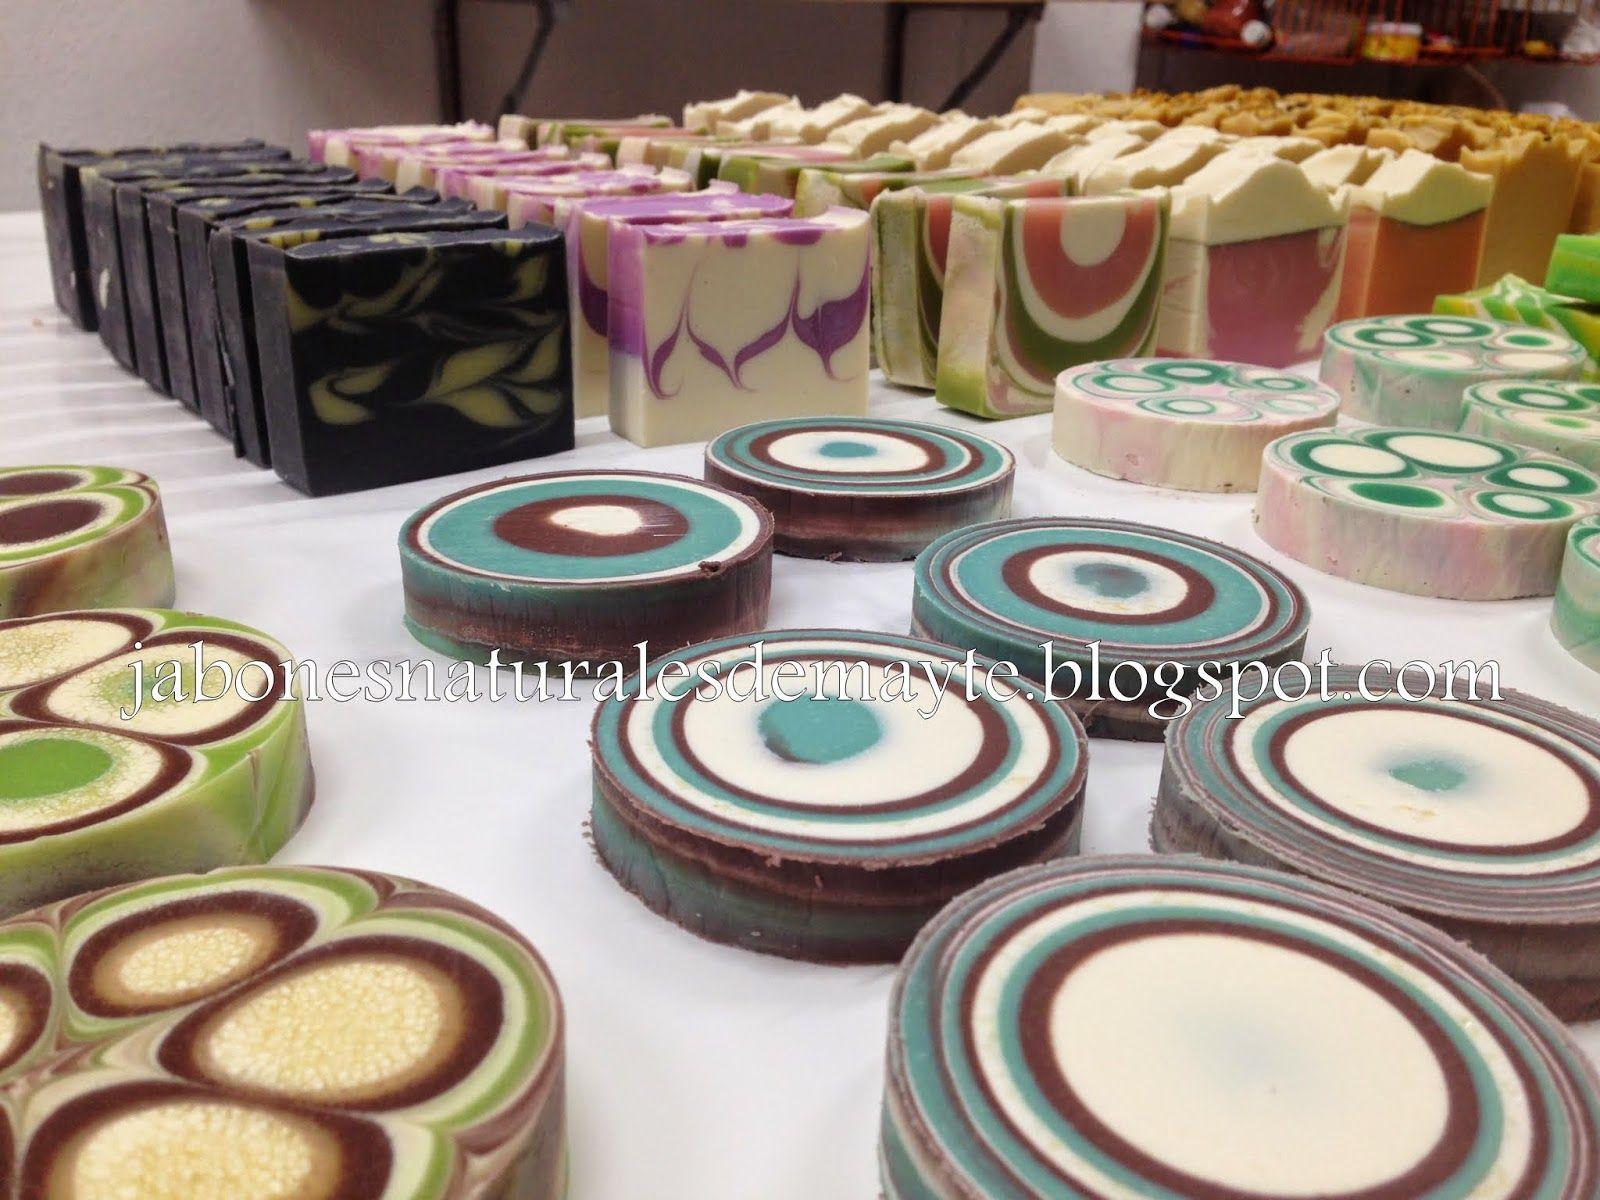 JABONES NATURALES DE MAYTE Taller de Elaboración de Jabón artesanal